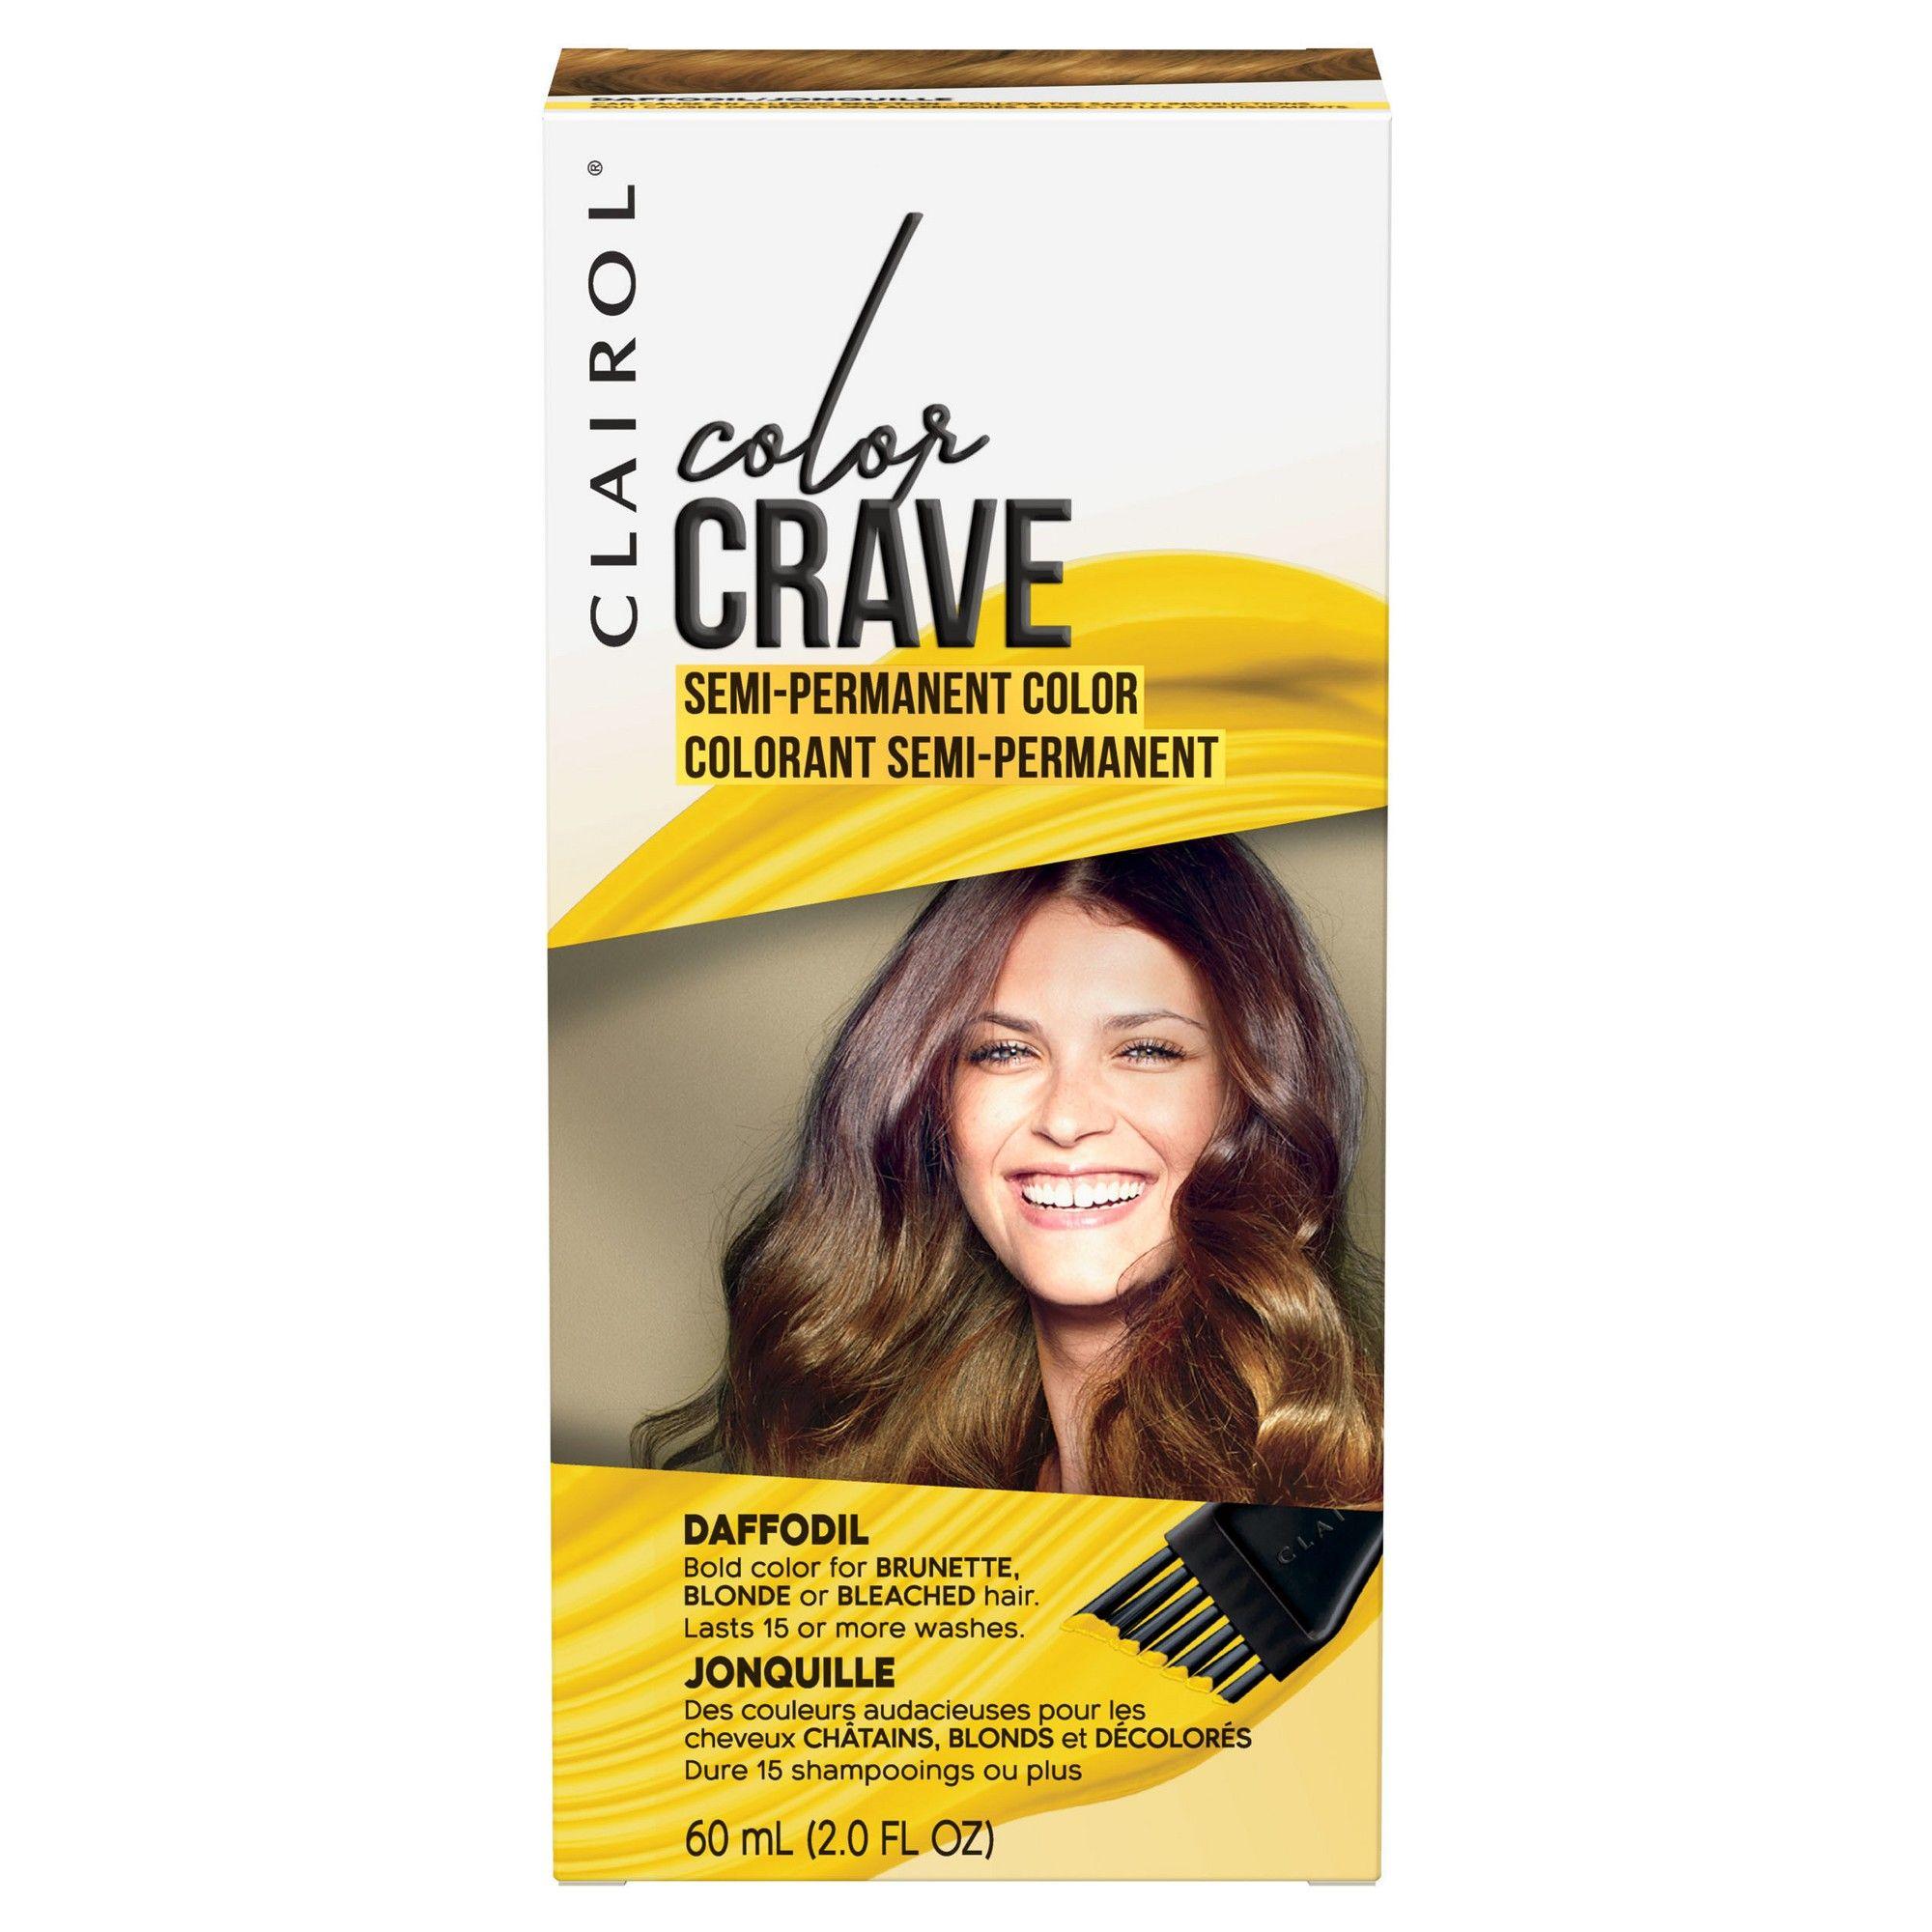 Clairol Color Crave Semi Permanent Daffodil Yellow 2oz Semi